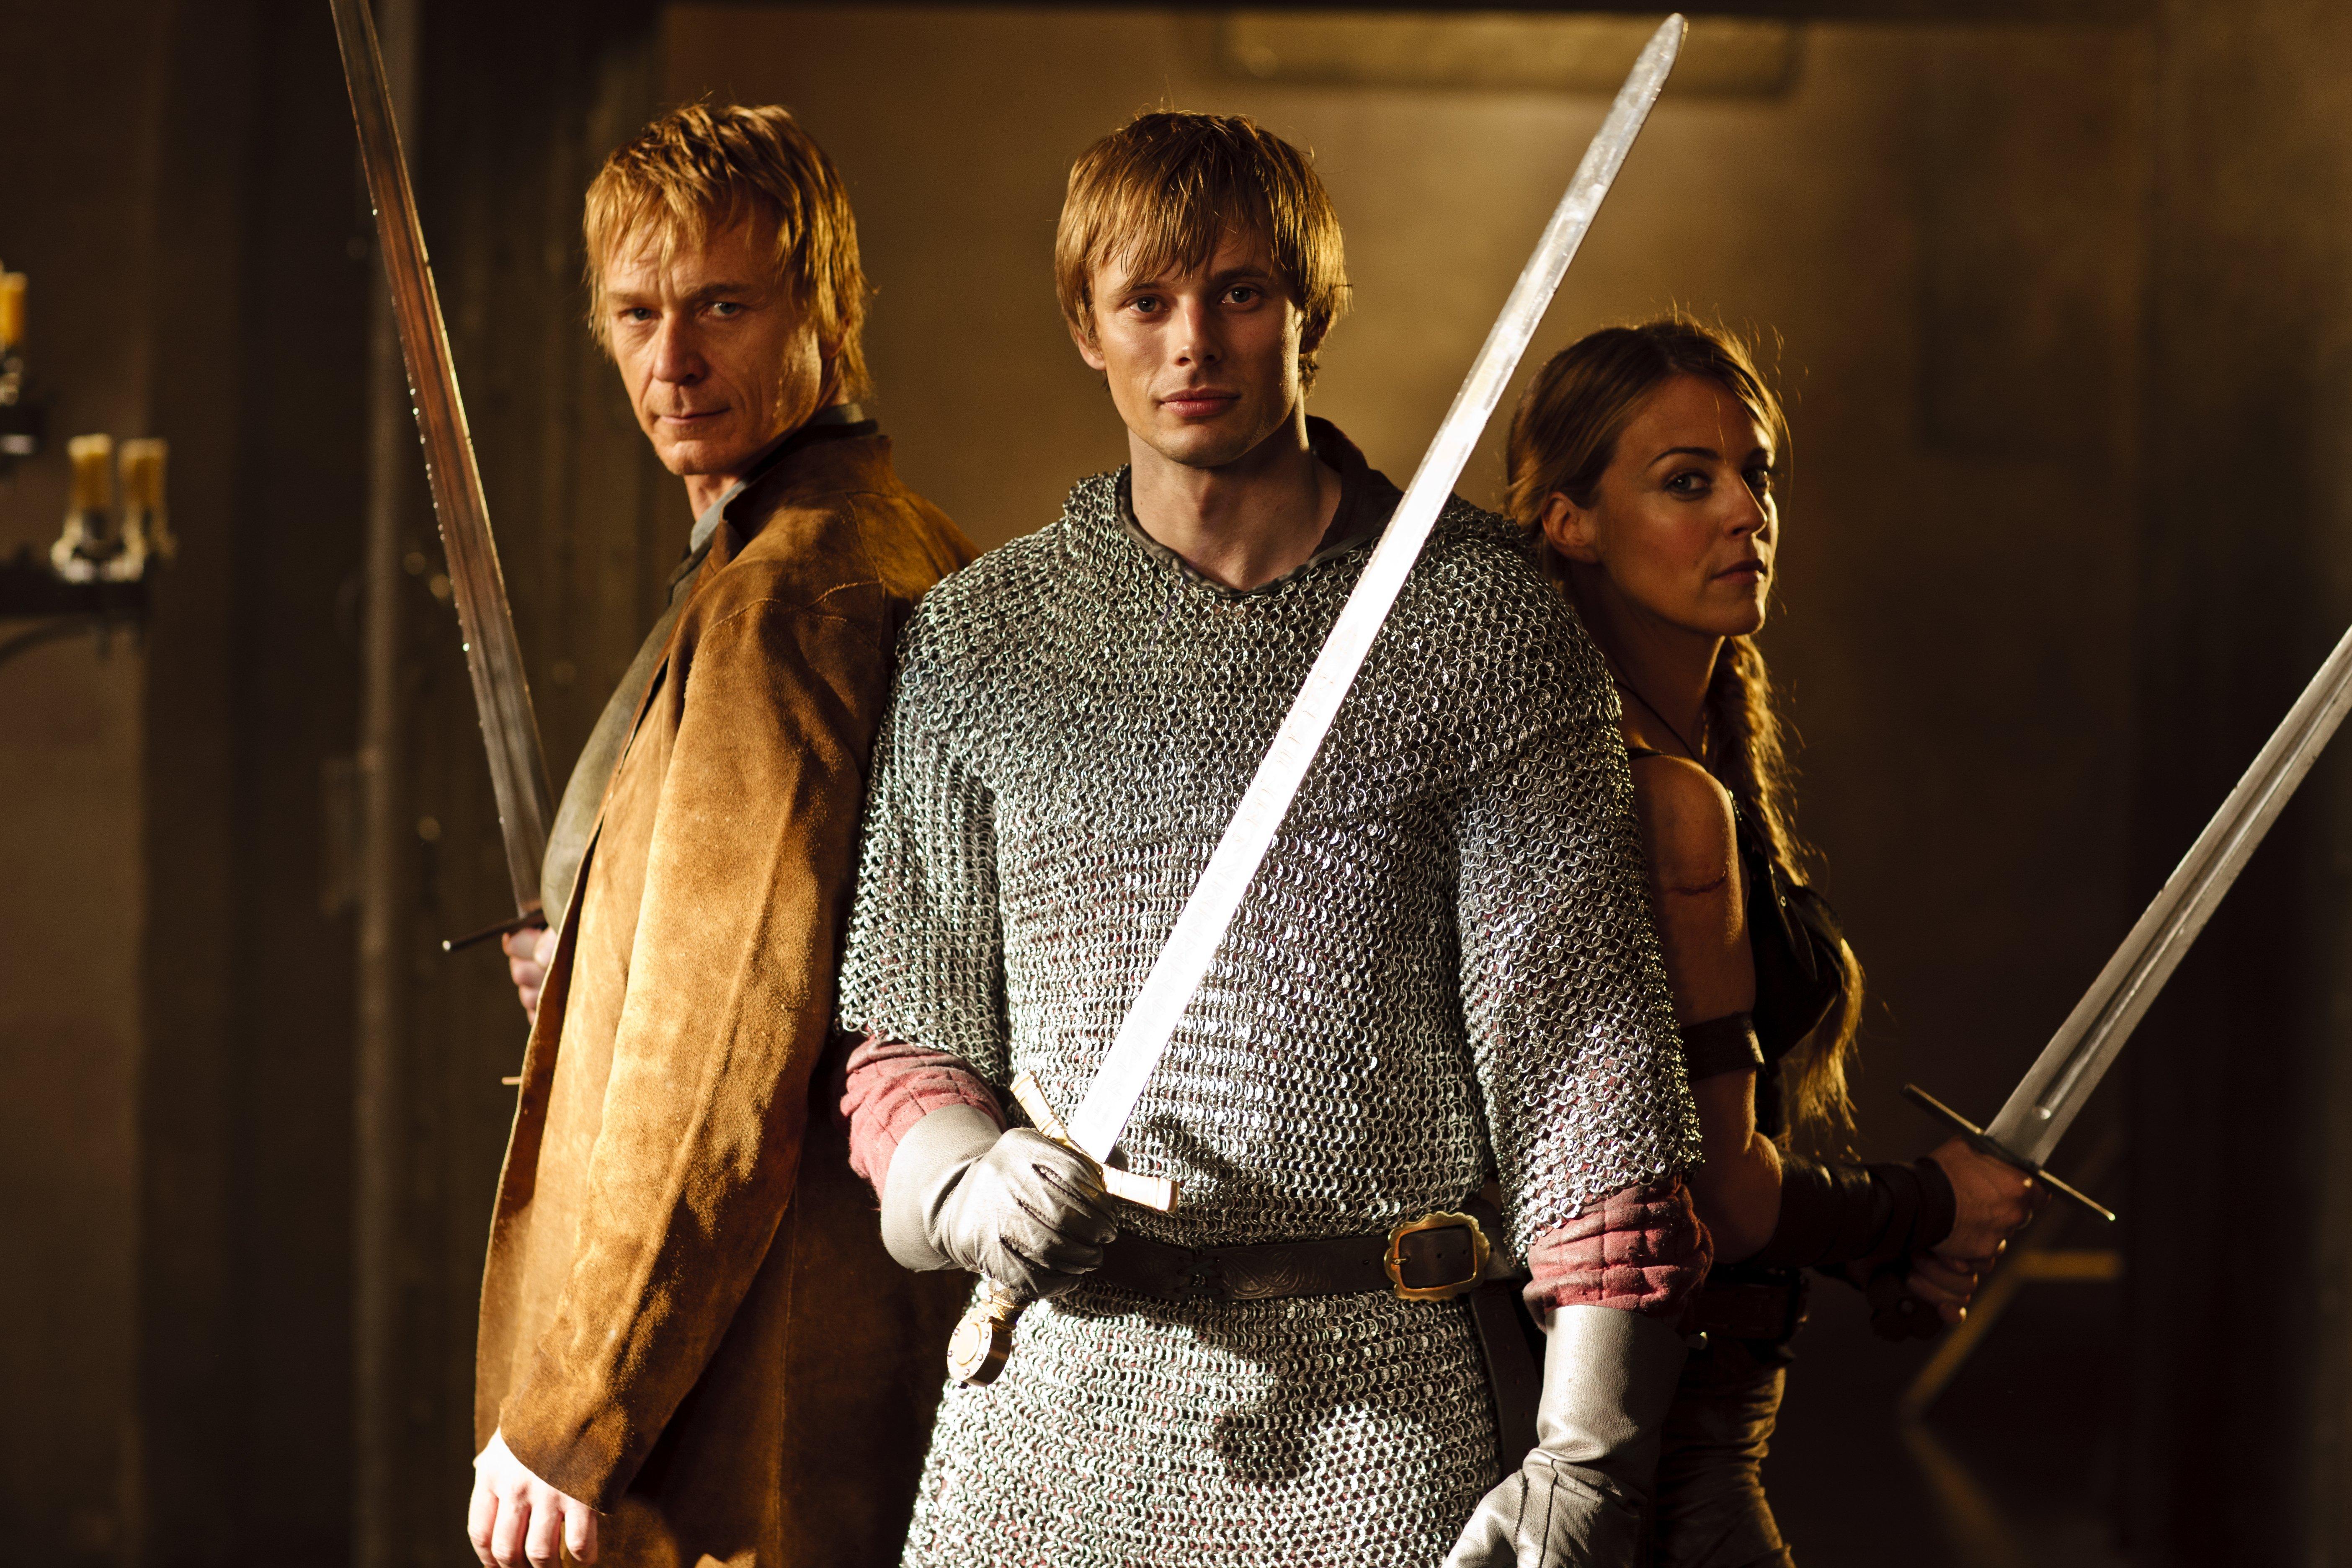 Watch Merlin Season 4 For Free Online